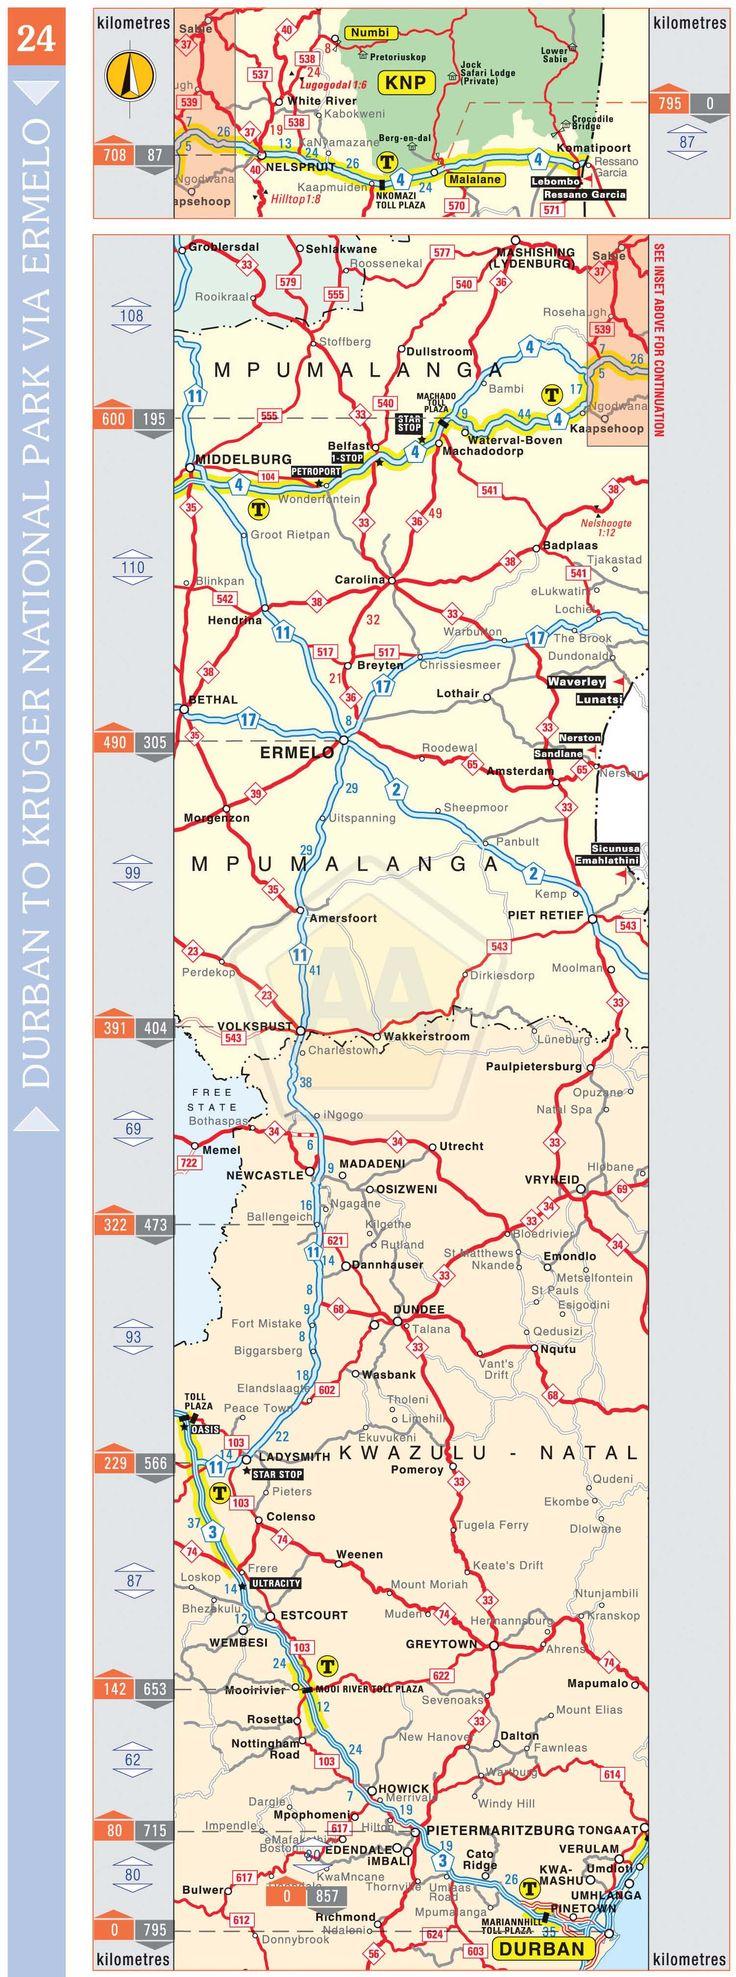 Durban to Kruger National Park via Ermelo | Automobile Association